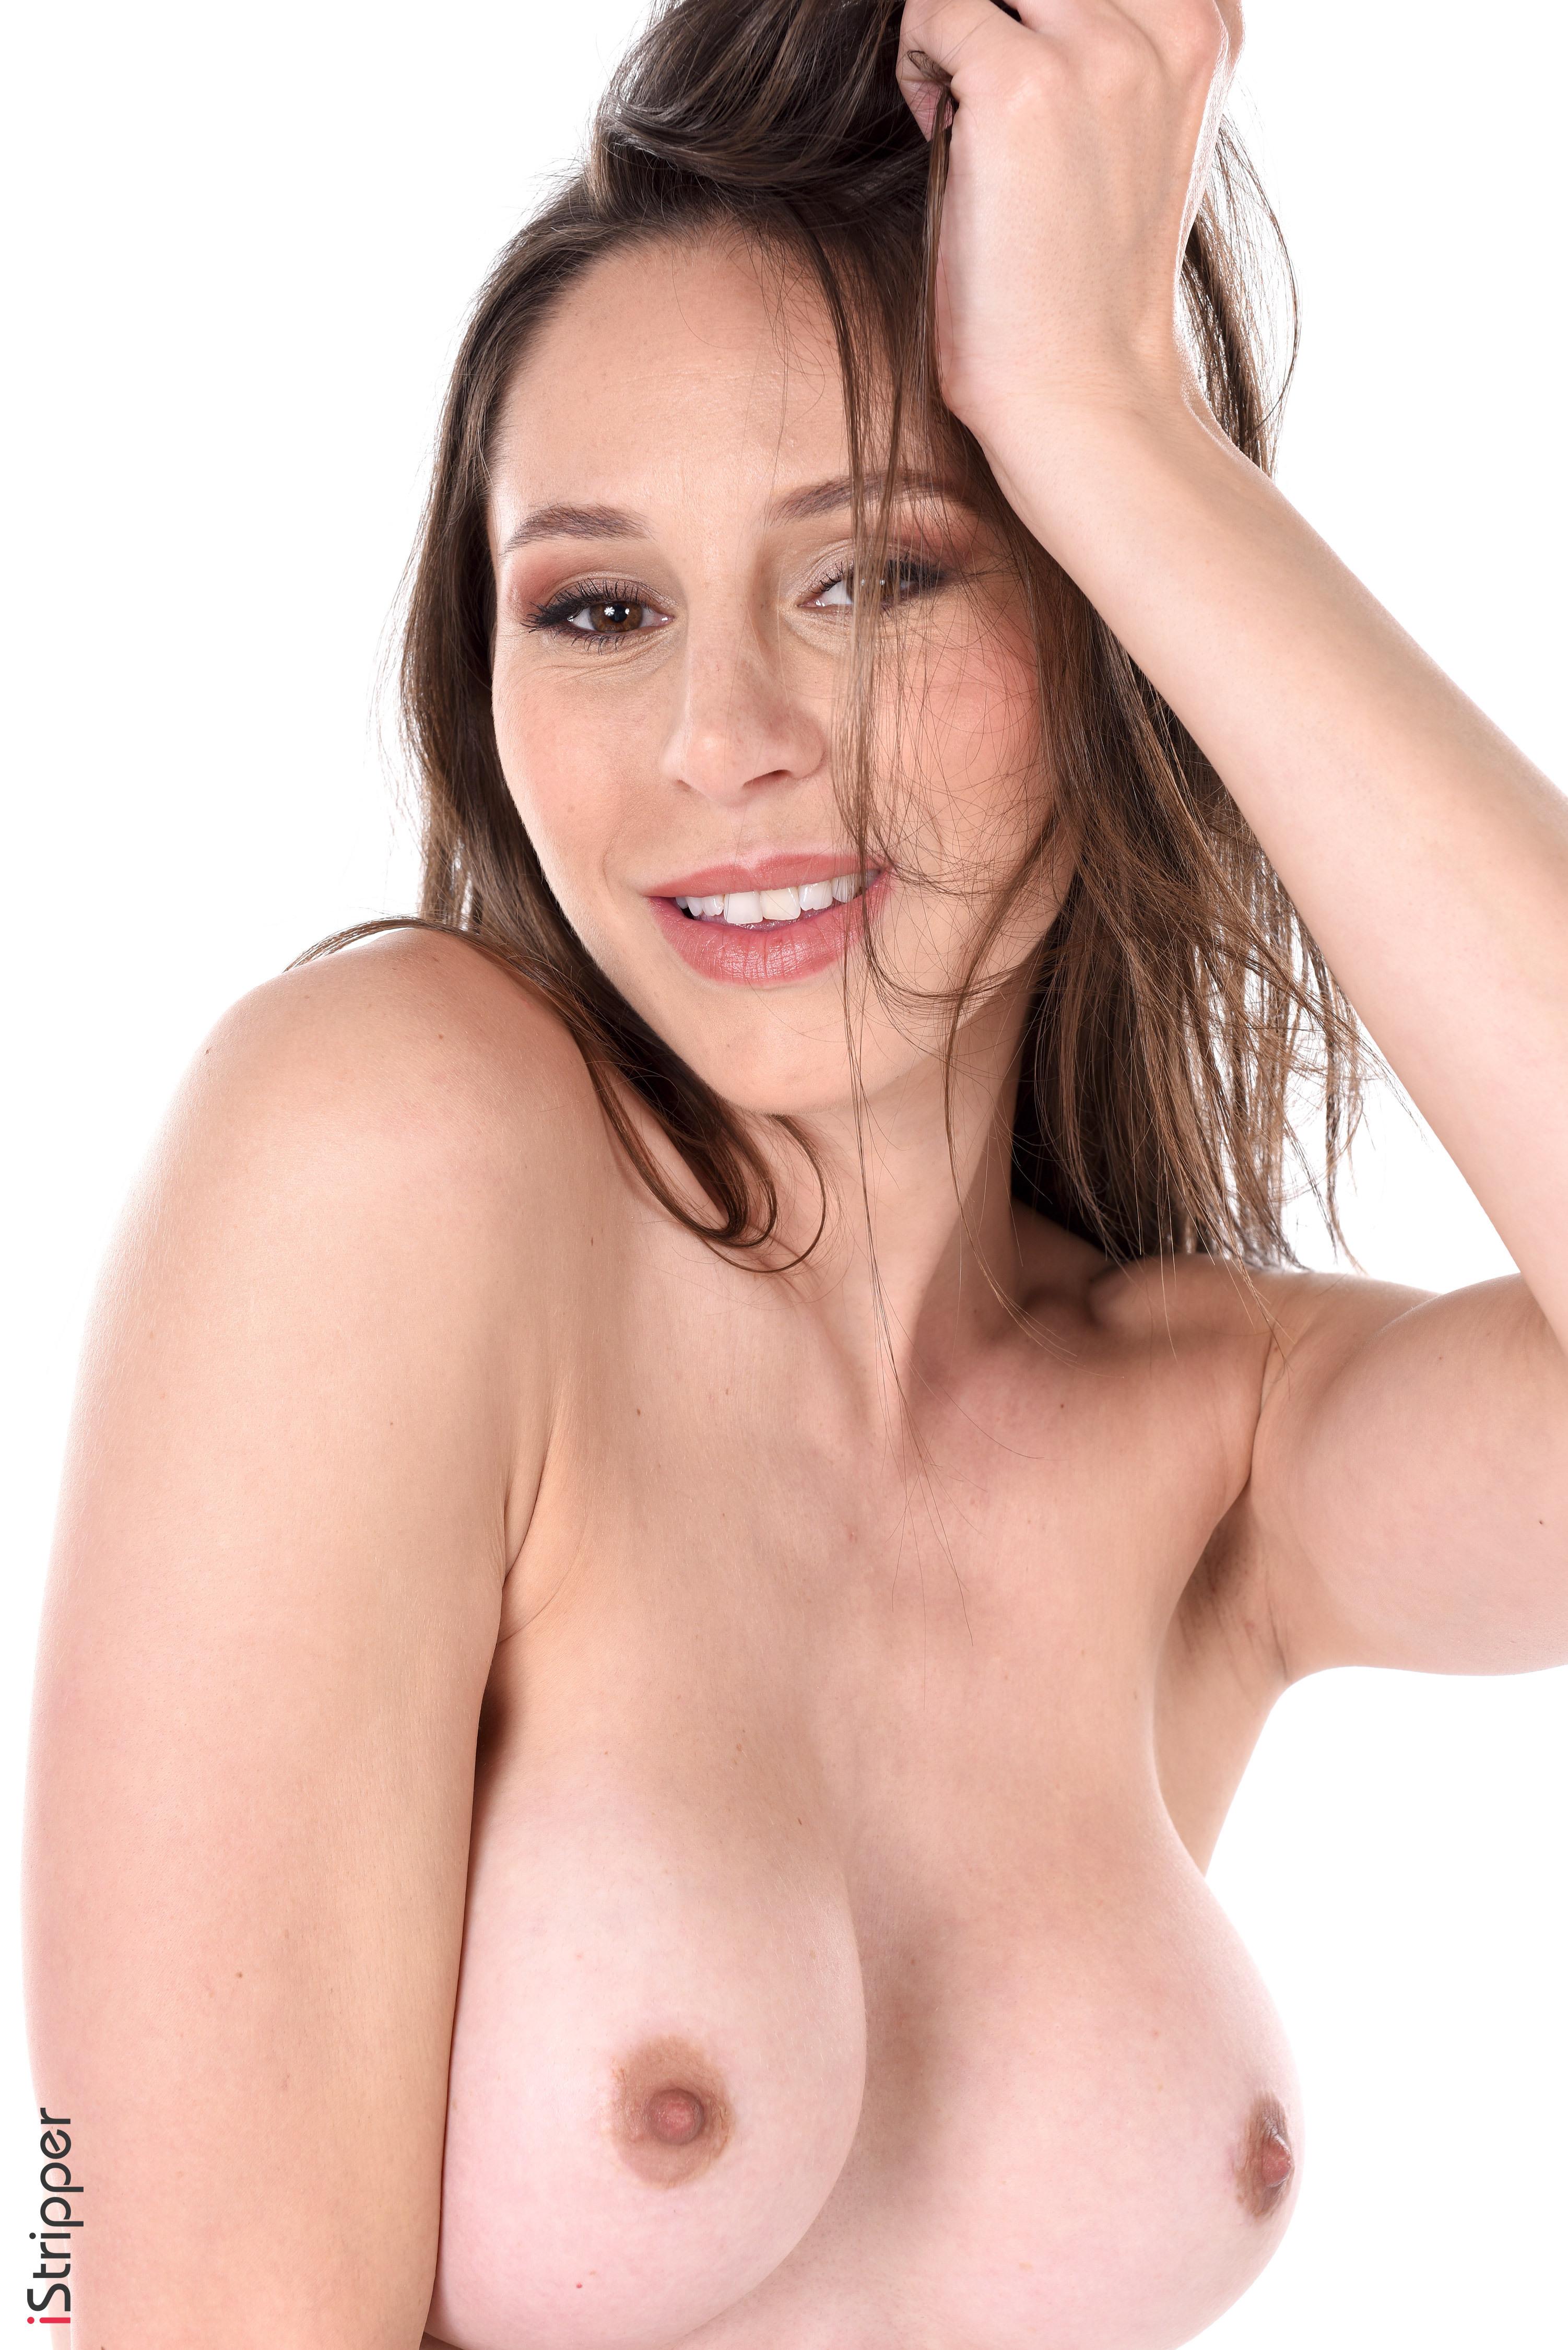 sexy striptease no boobs or fucking